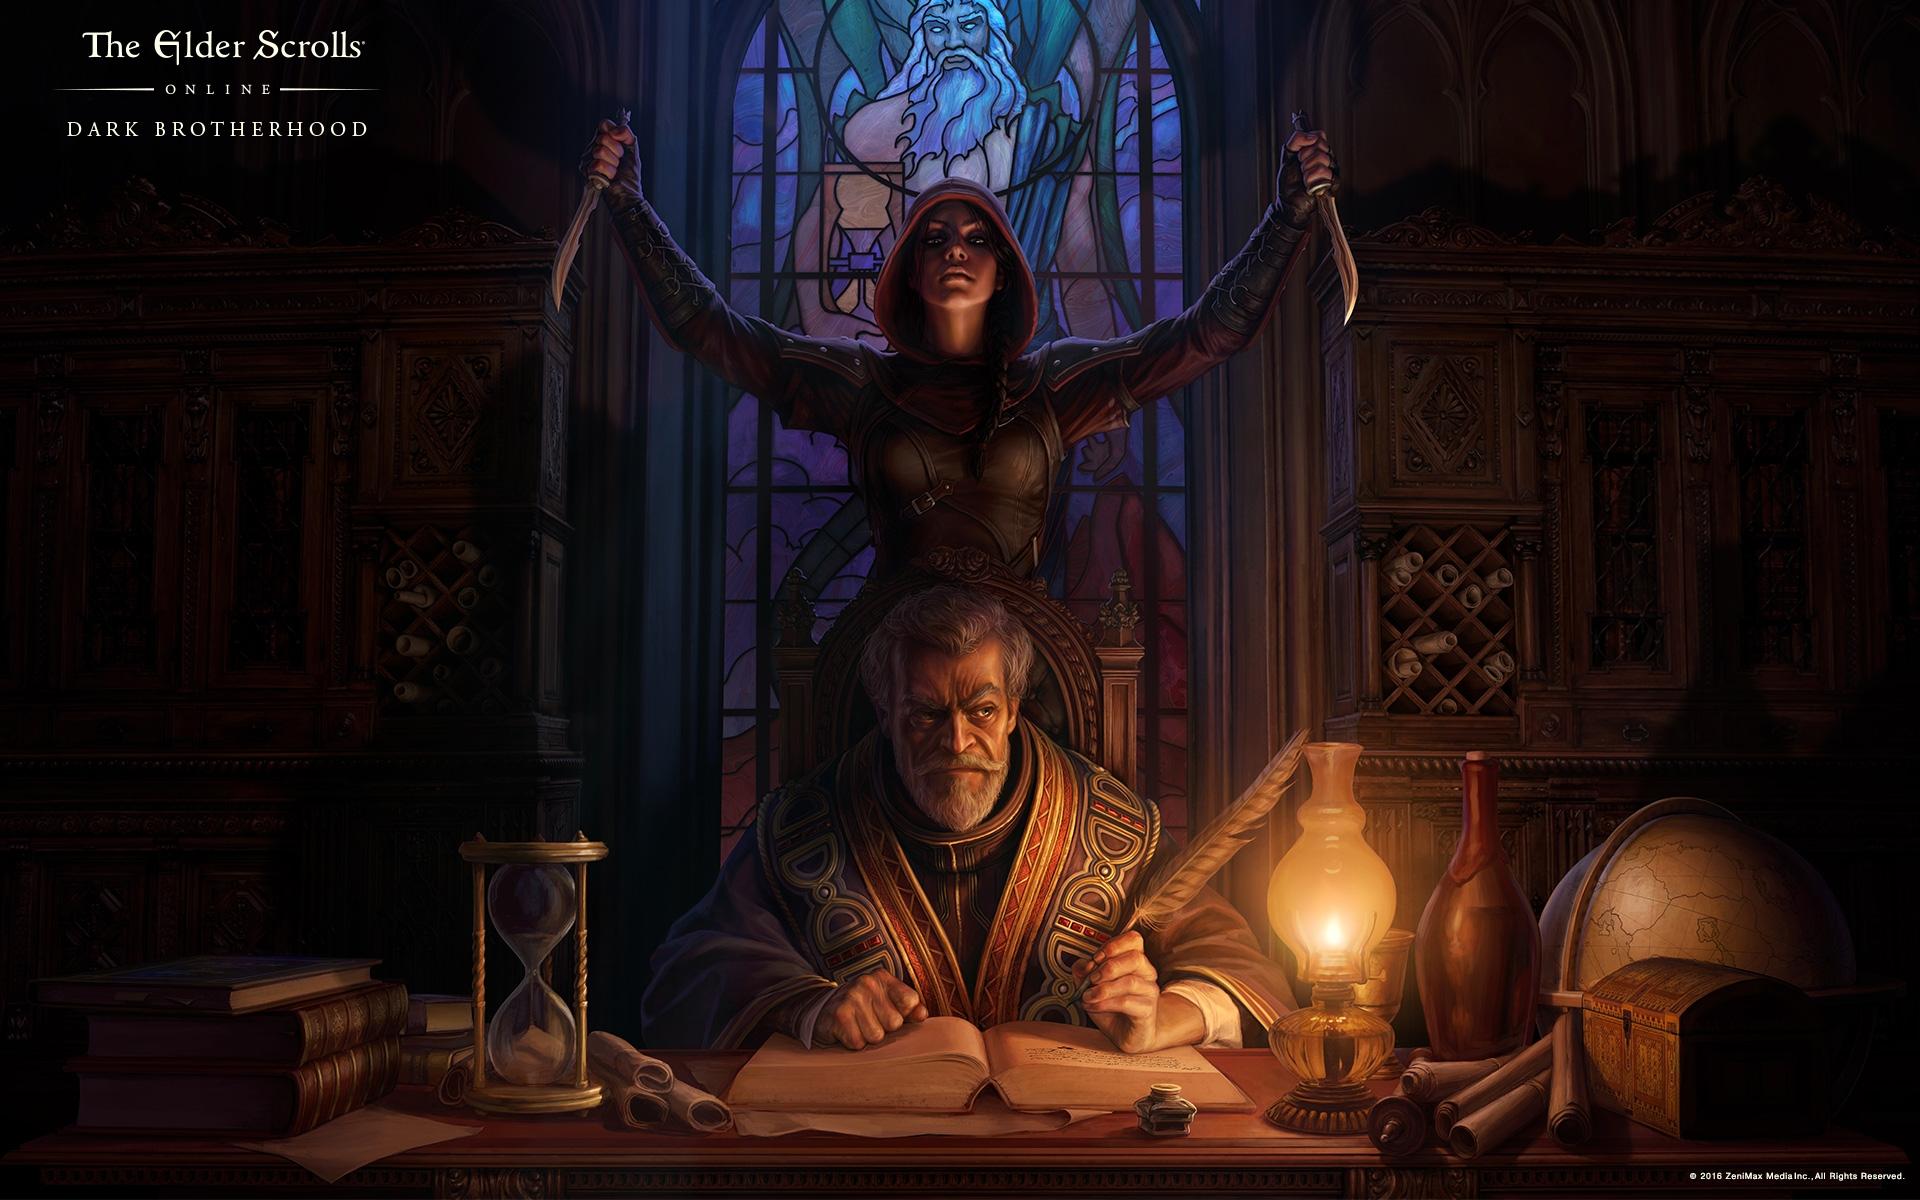 The Elder Scrolls Online's sneaky, stabby Dark Brotherhood DLC is out now